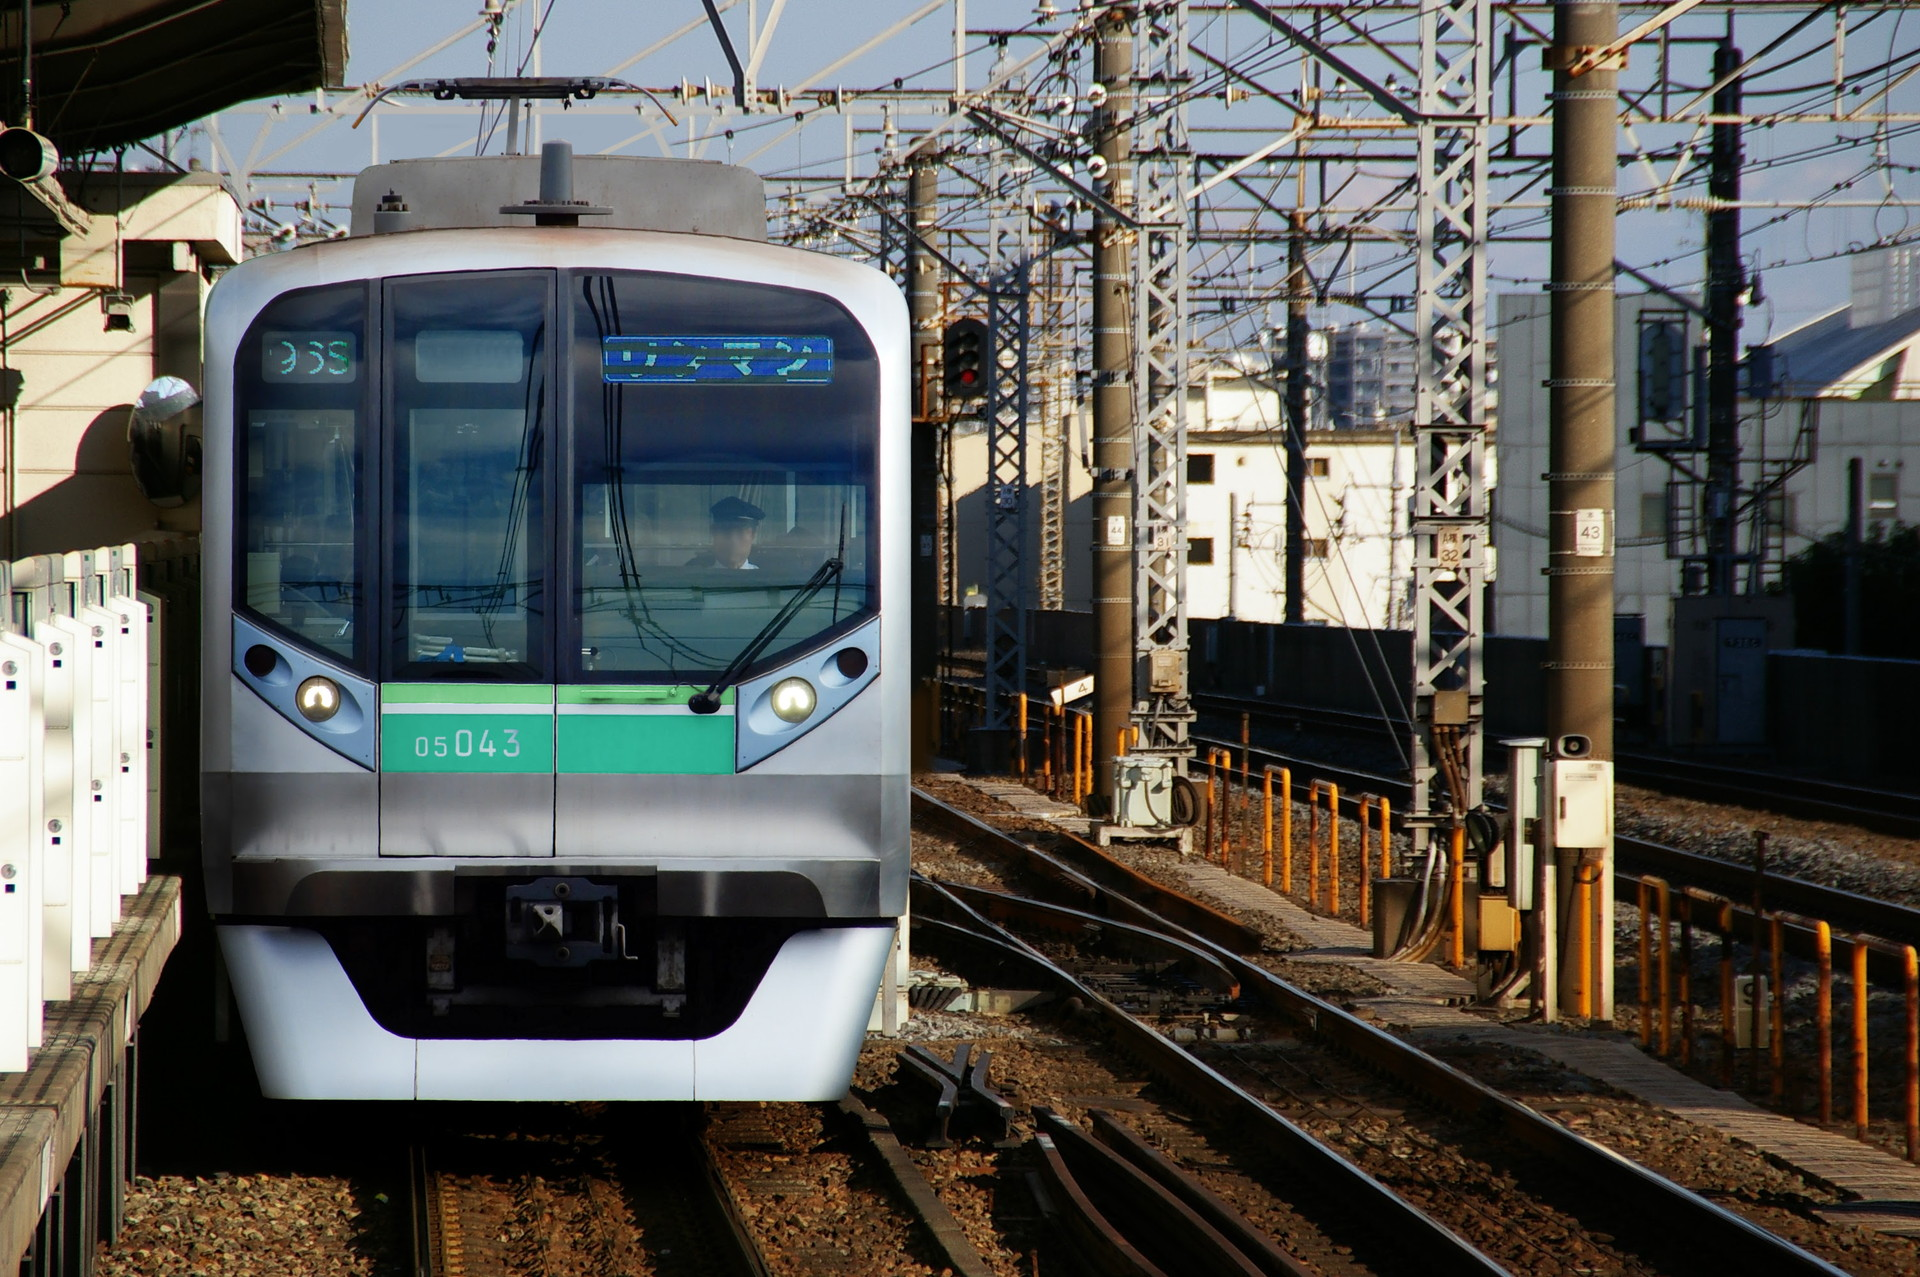 東京メトロ北綾瀬支線のN05系ウソ電